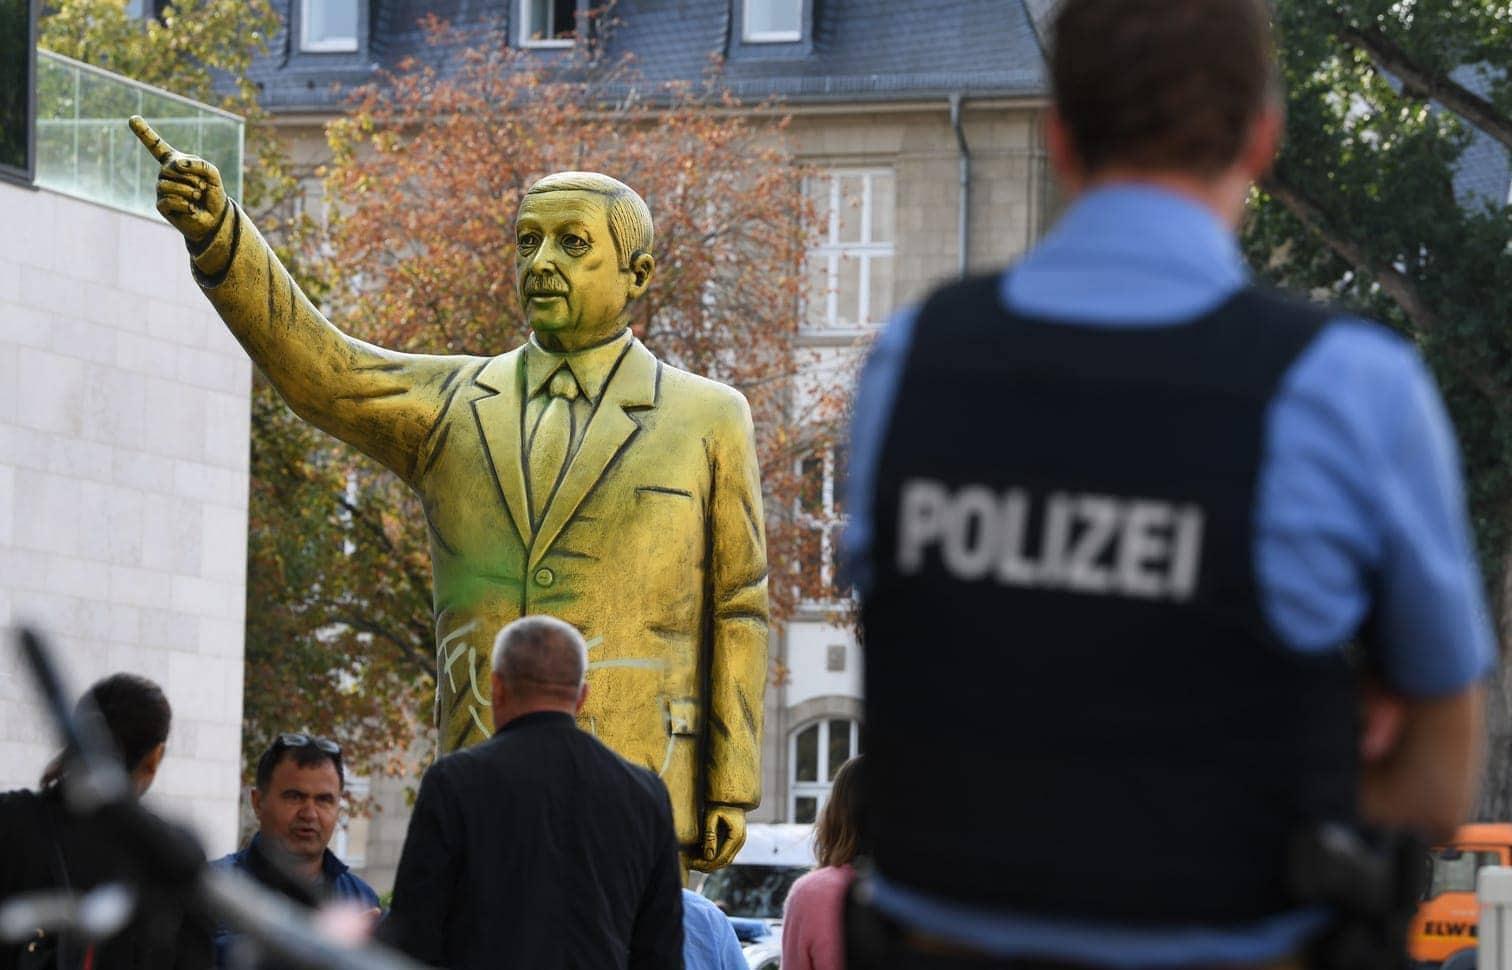 <p>Auf einem Platz in Wiesbaden&nbsp;ist eine goldene Statue des türkischen Präsidenten Recep Tayyip Erdogan errichtet worden.</p> Foto: dpa